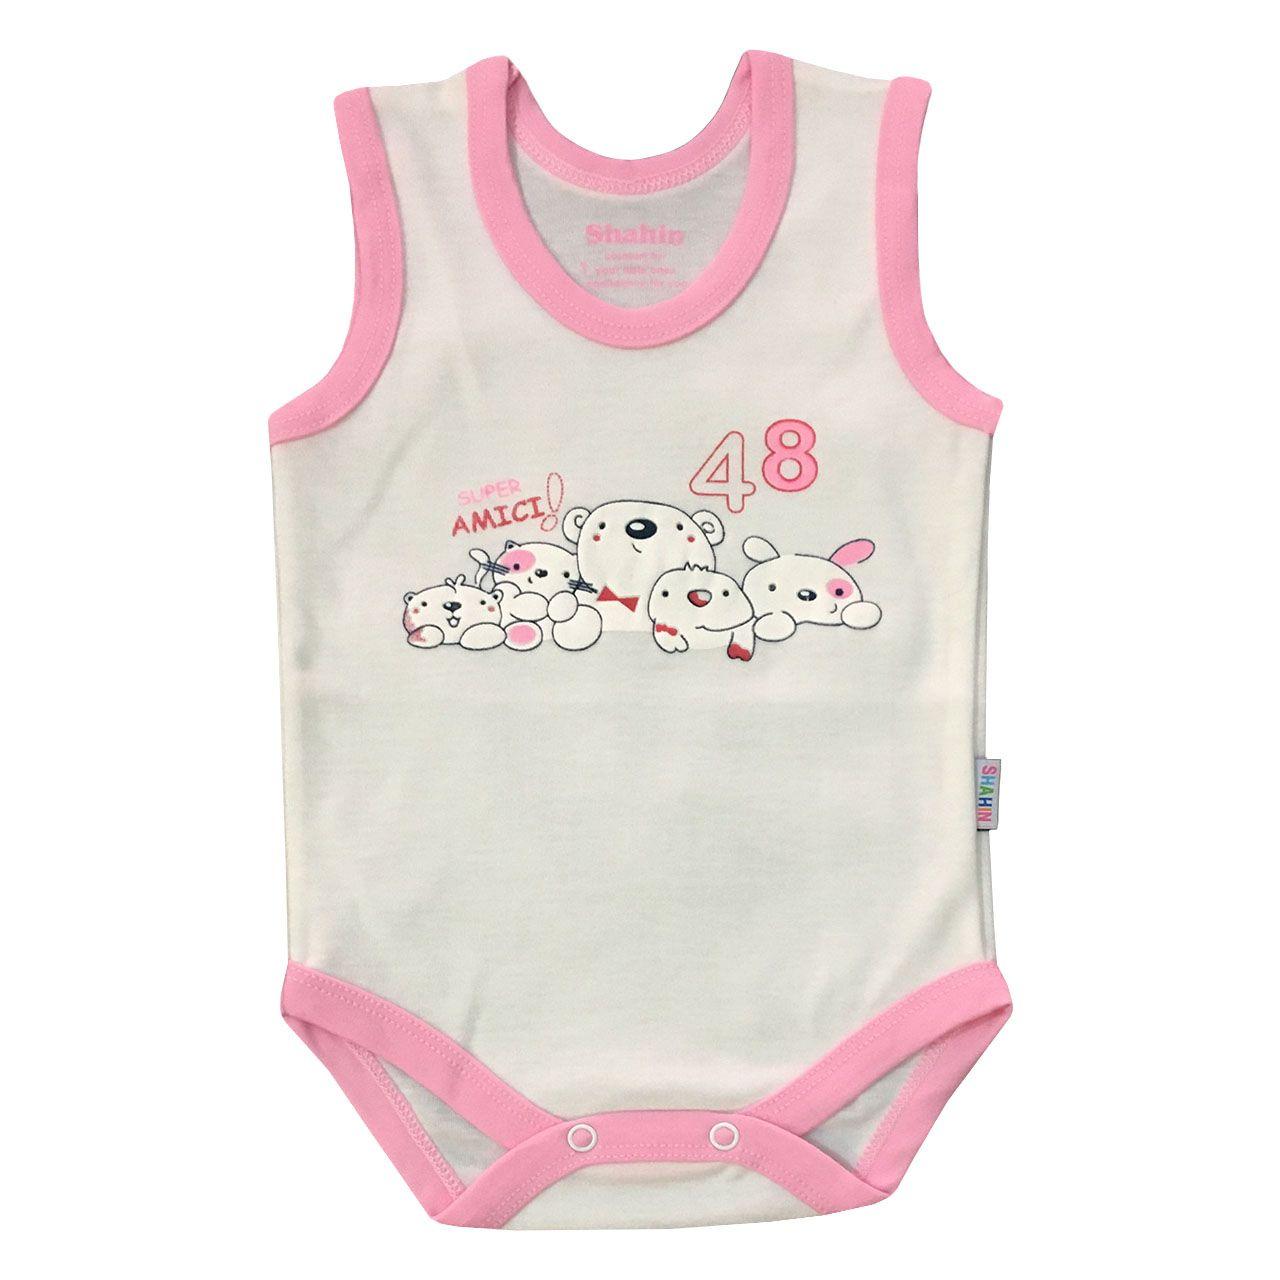 ست 3 تکه لباس نوزادی دخترانه شاهین طرح امیکی کد T -  - 3